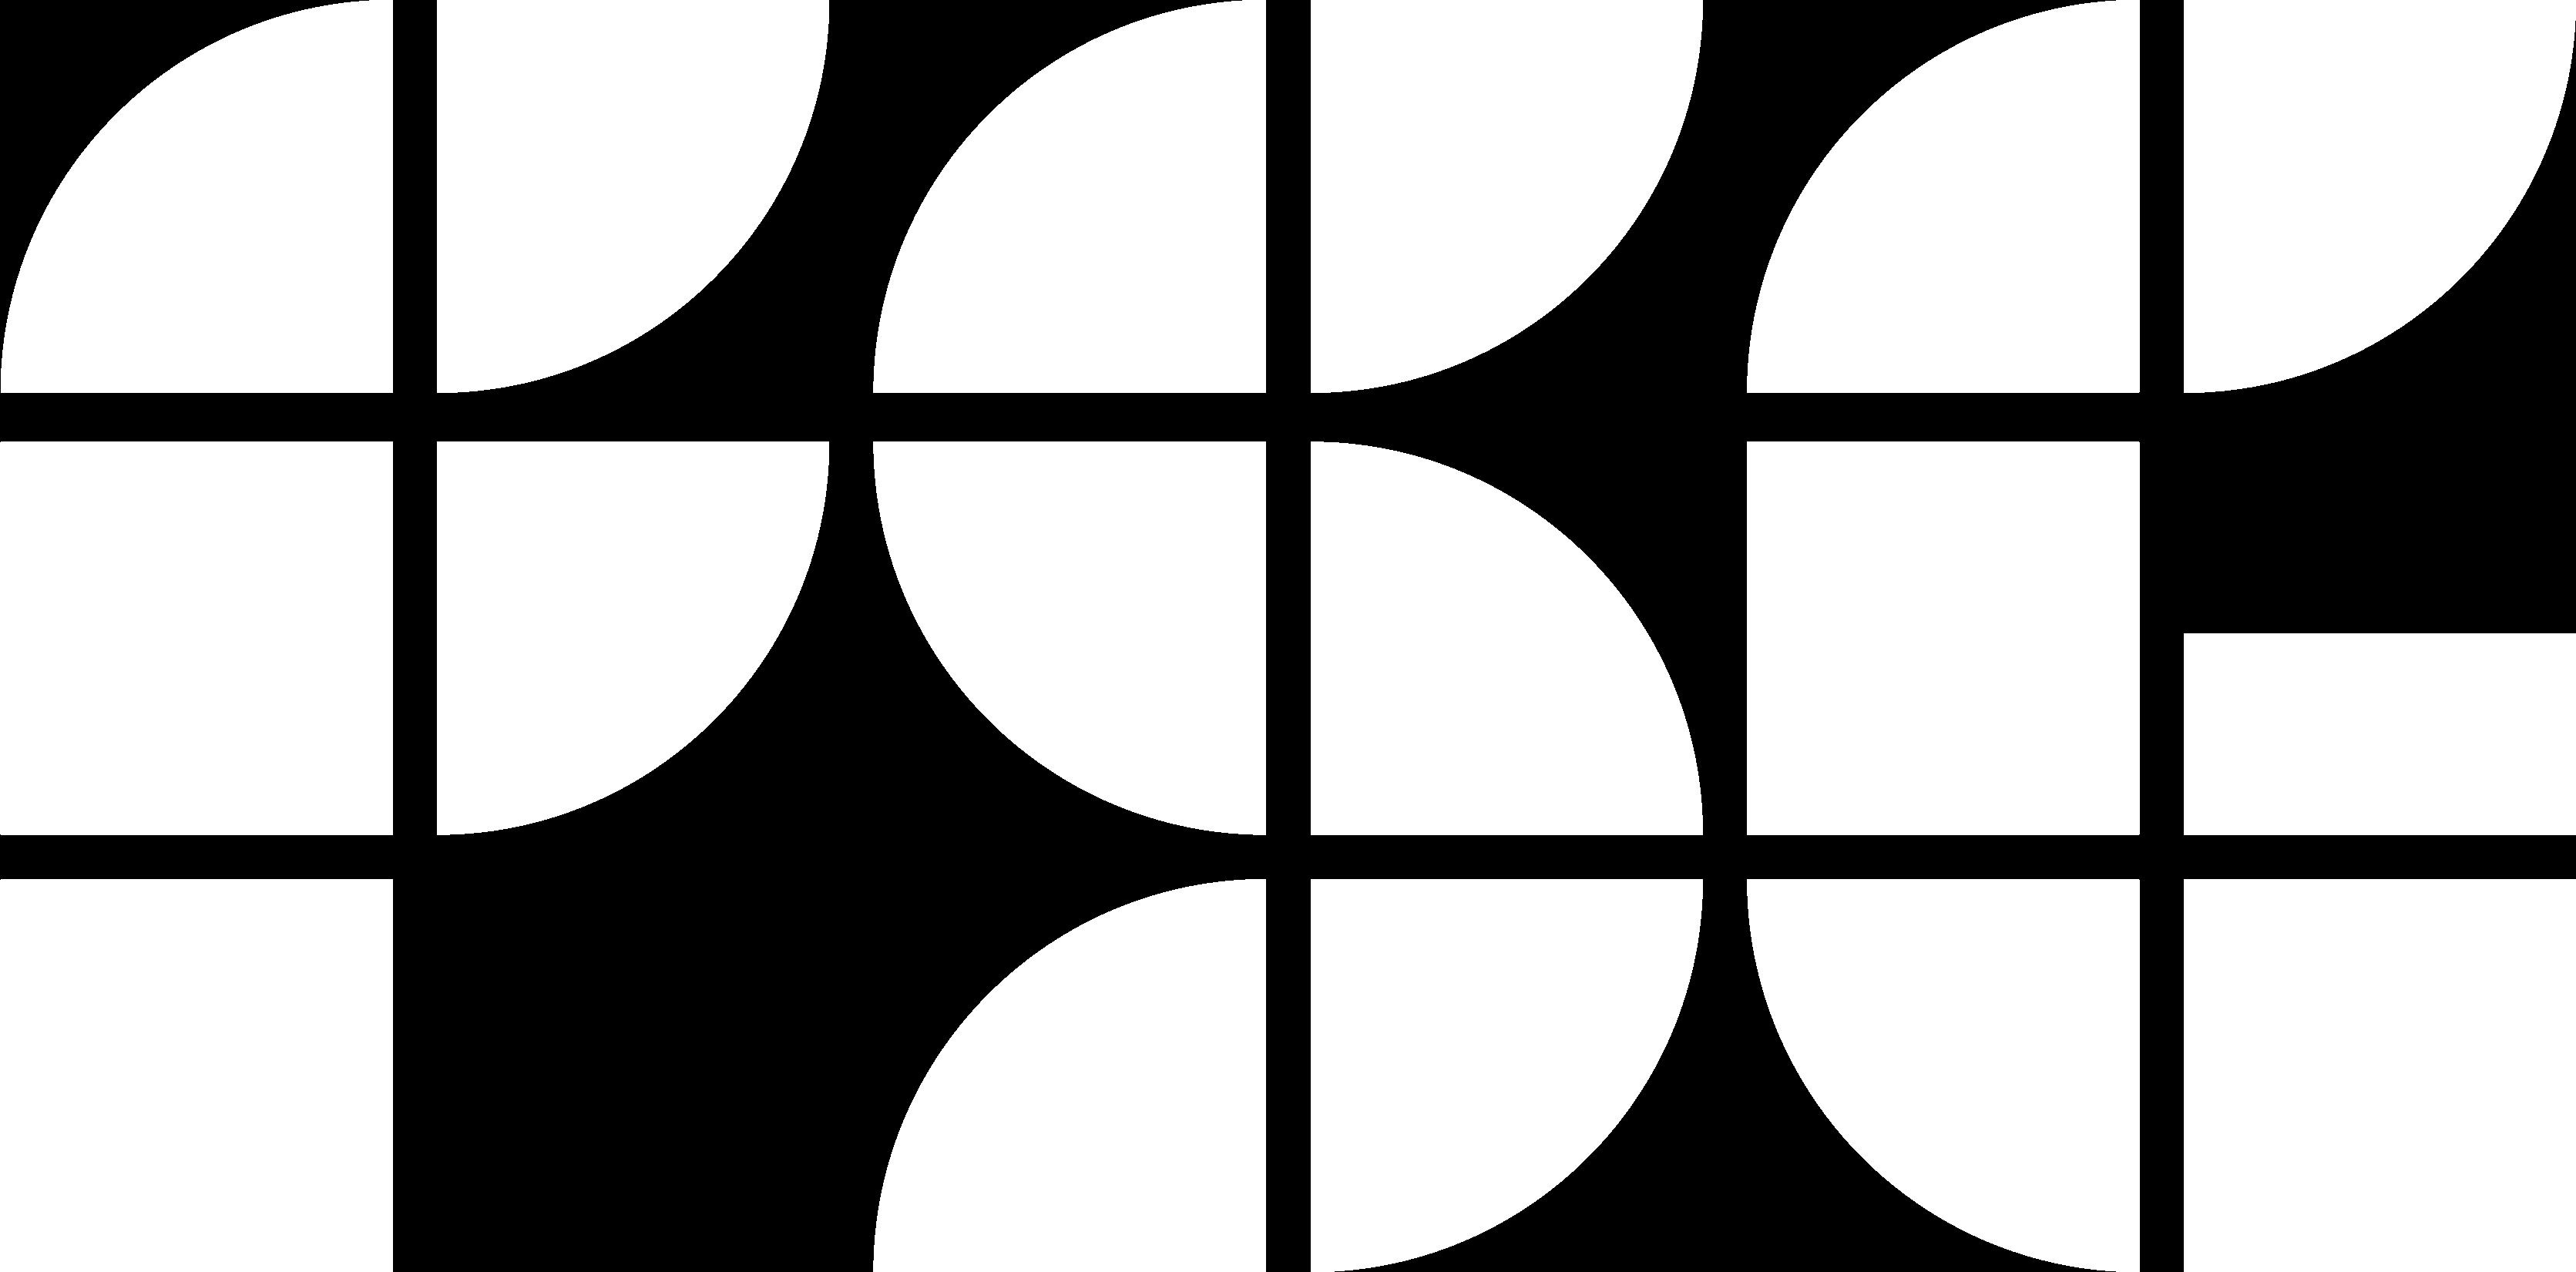 logo_FSG_X_W